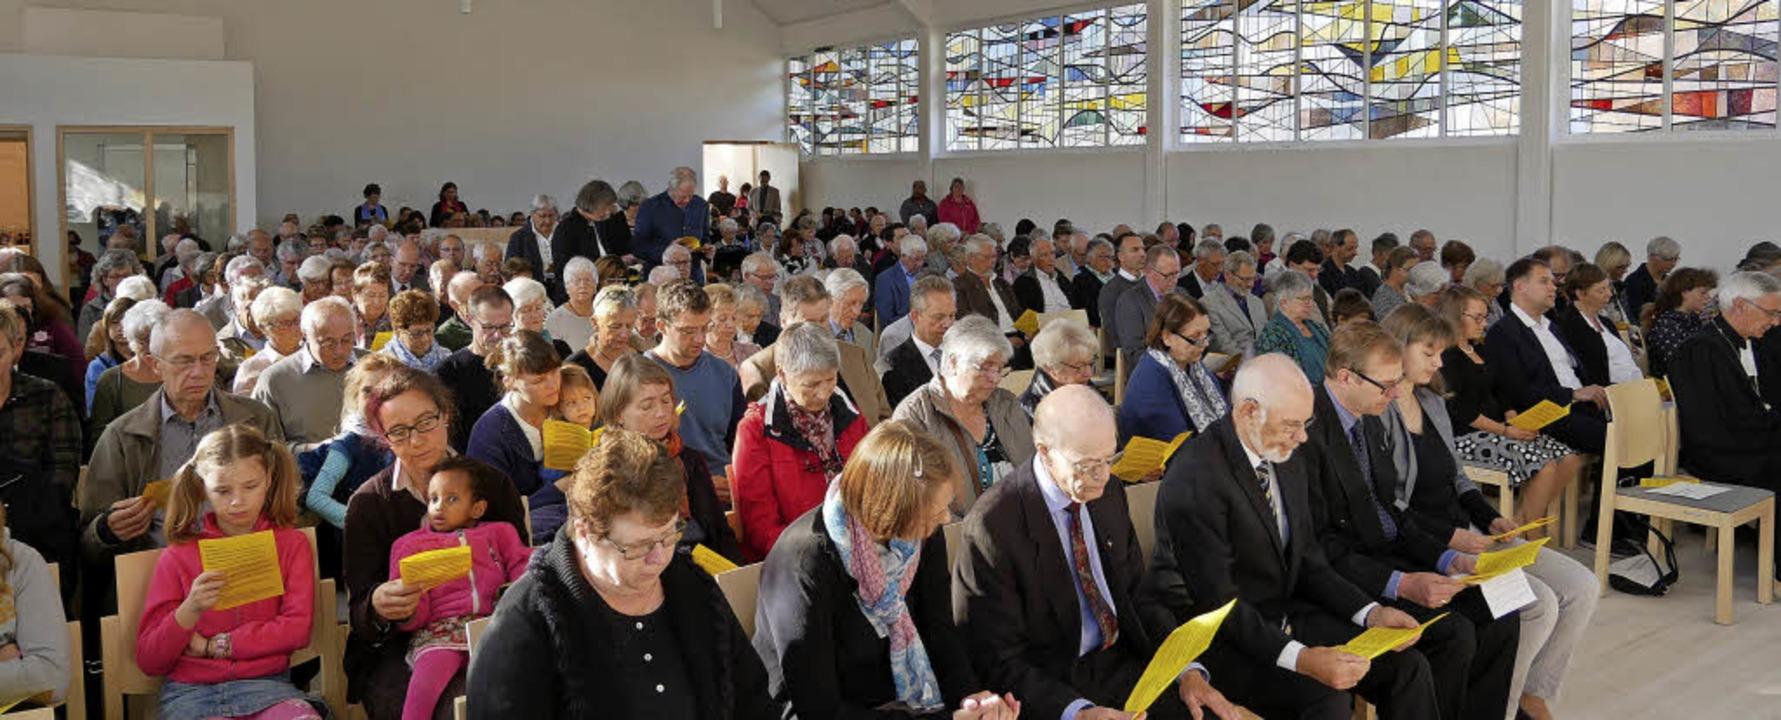 Kein Platz war mehr frei zur Einweihung in der Christuskirche  | Foto: Eva Korinth